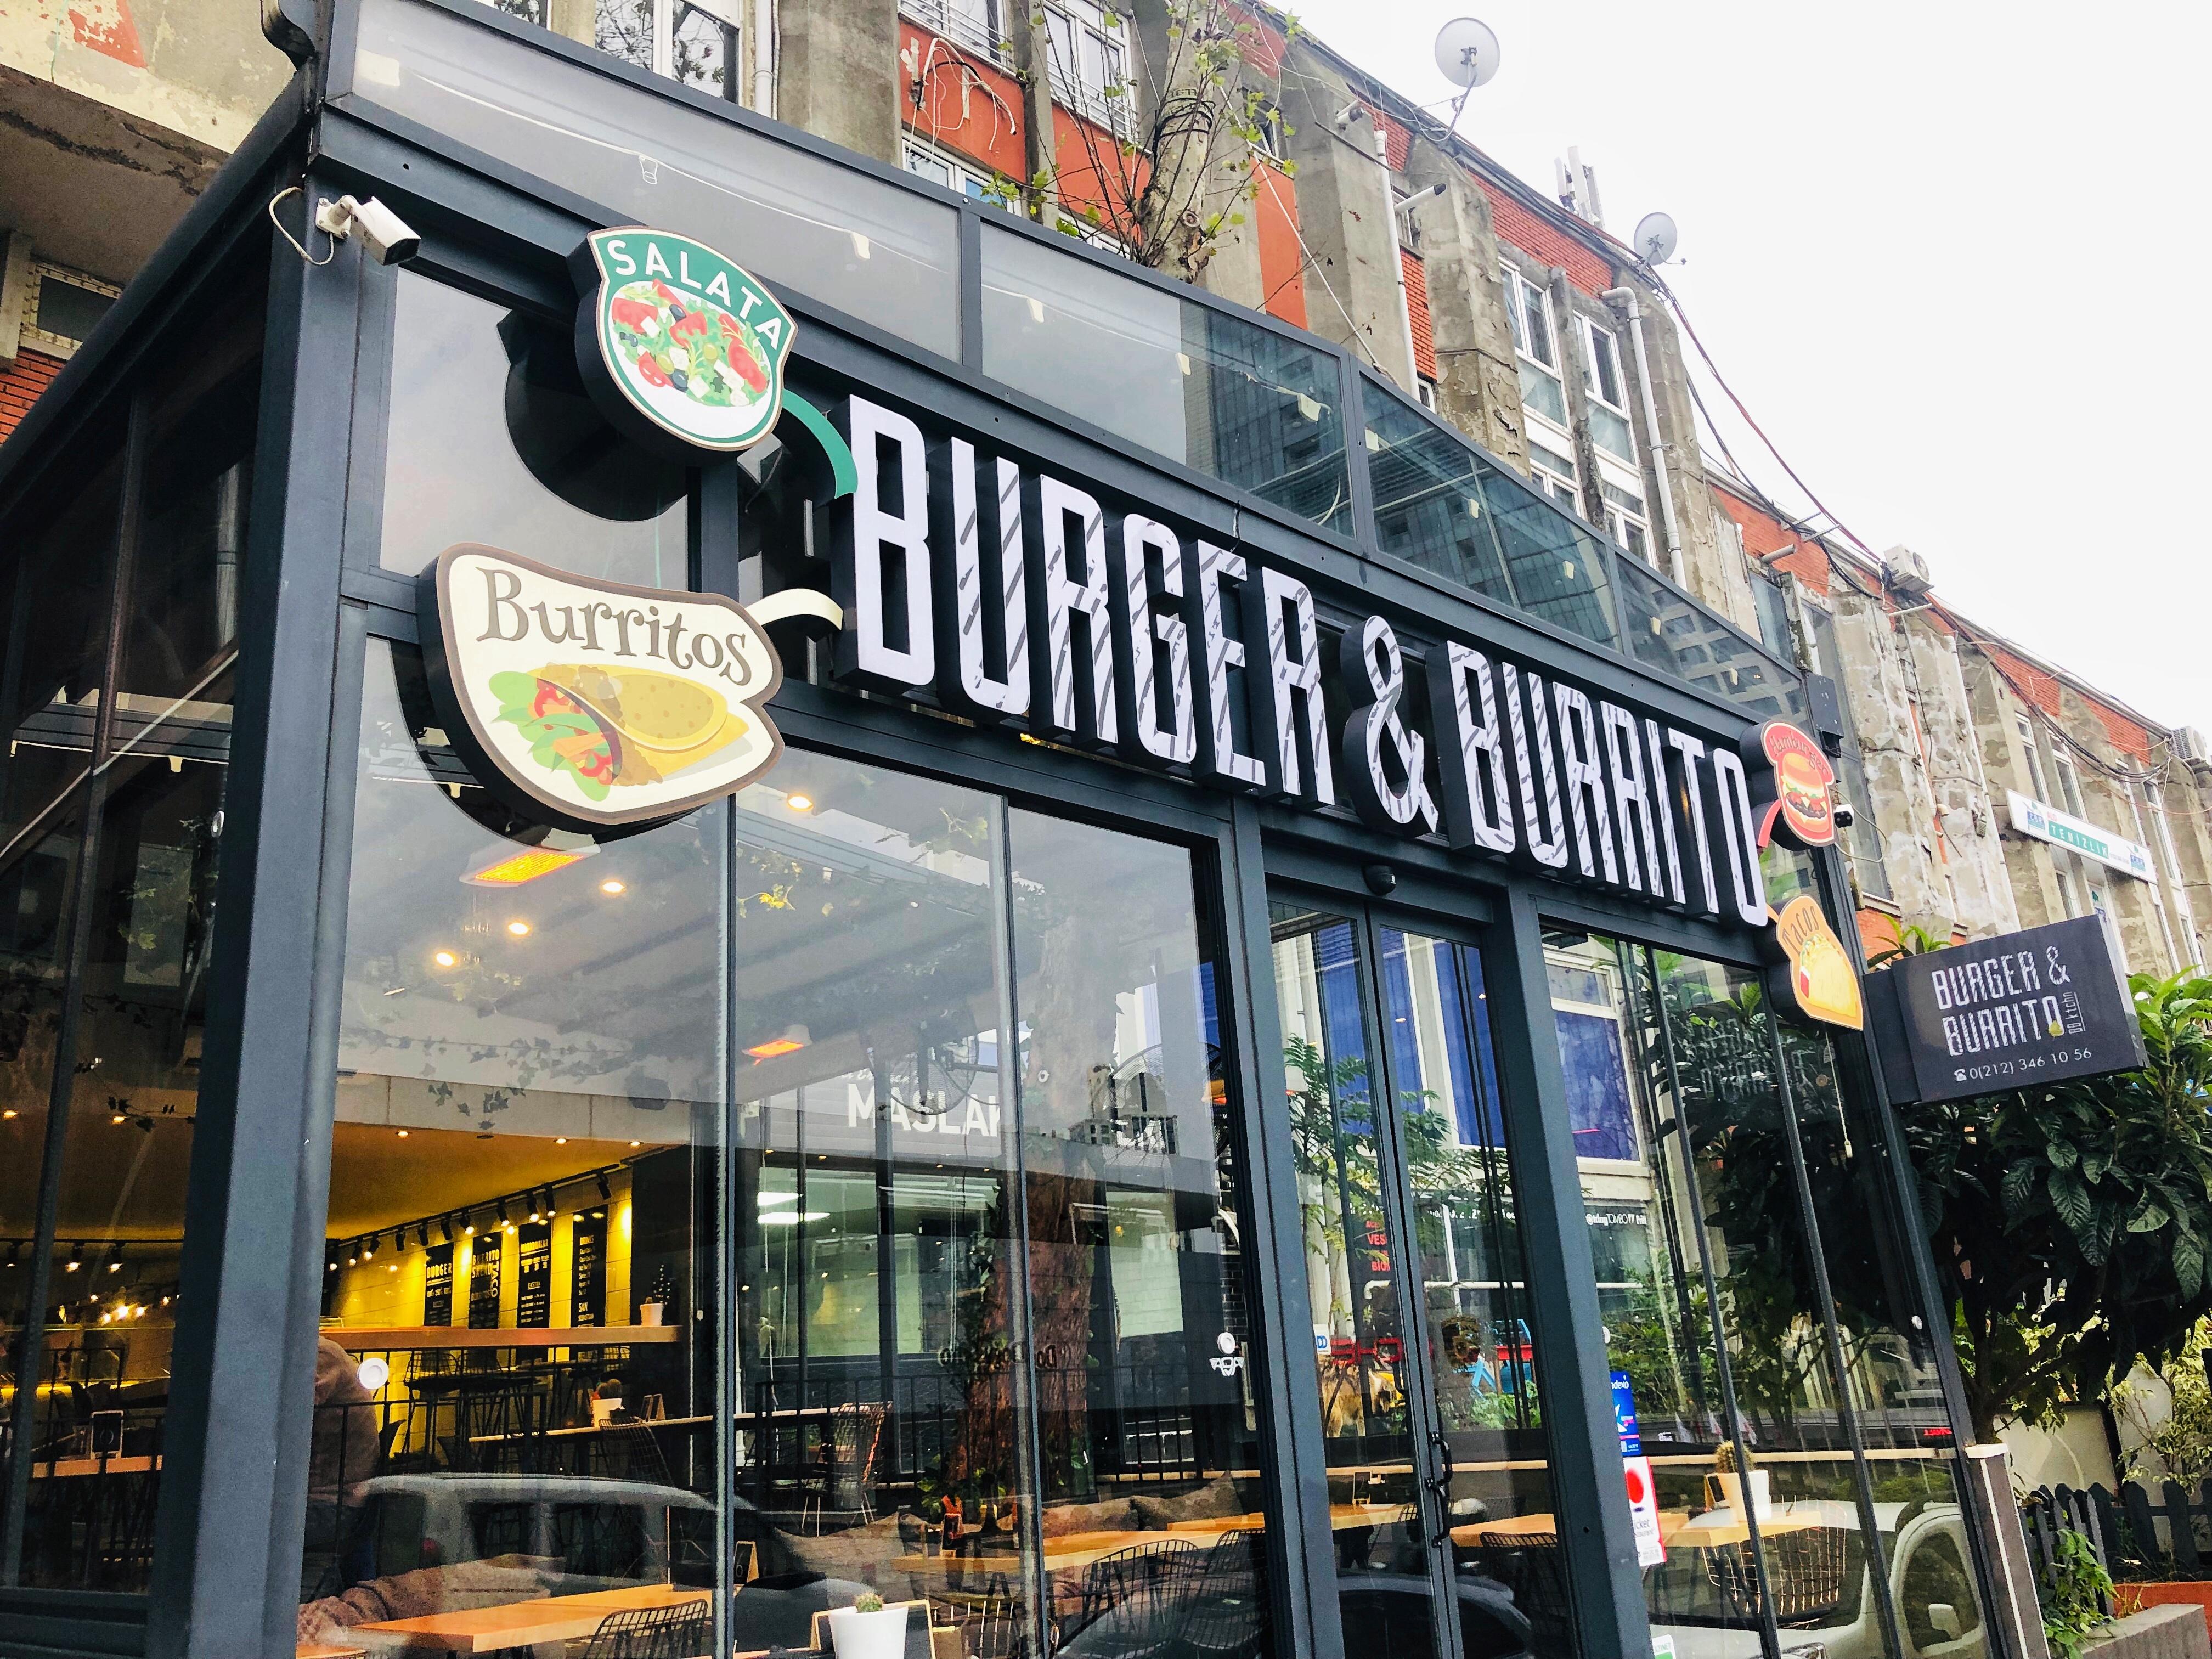 Burger & Burrito